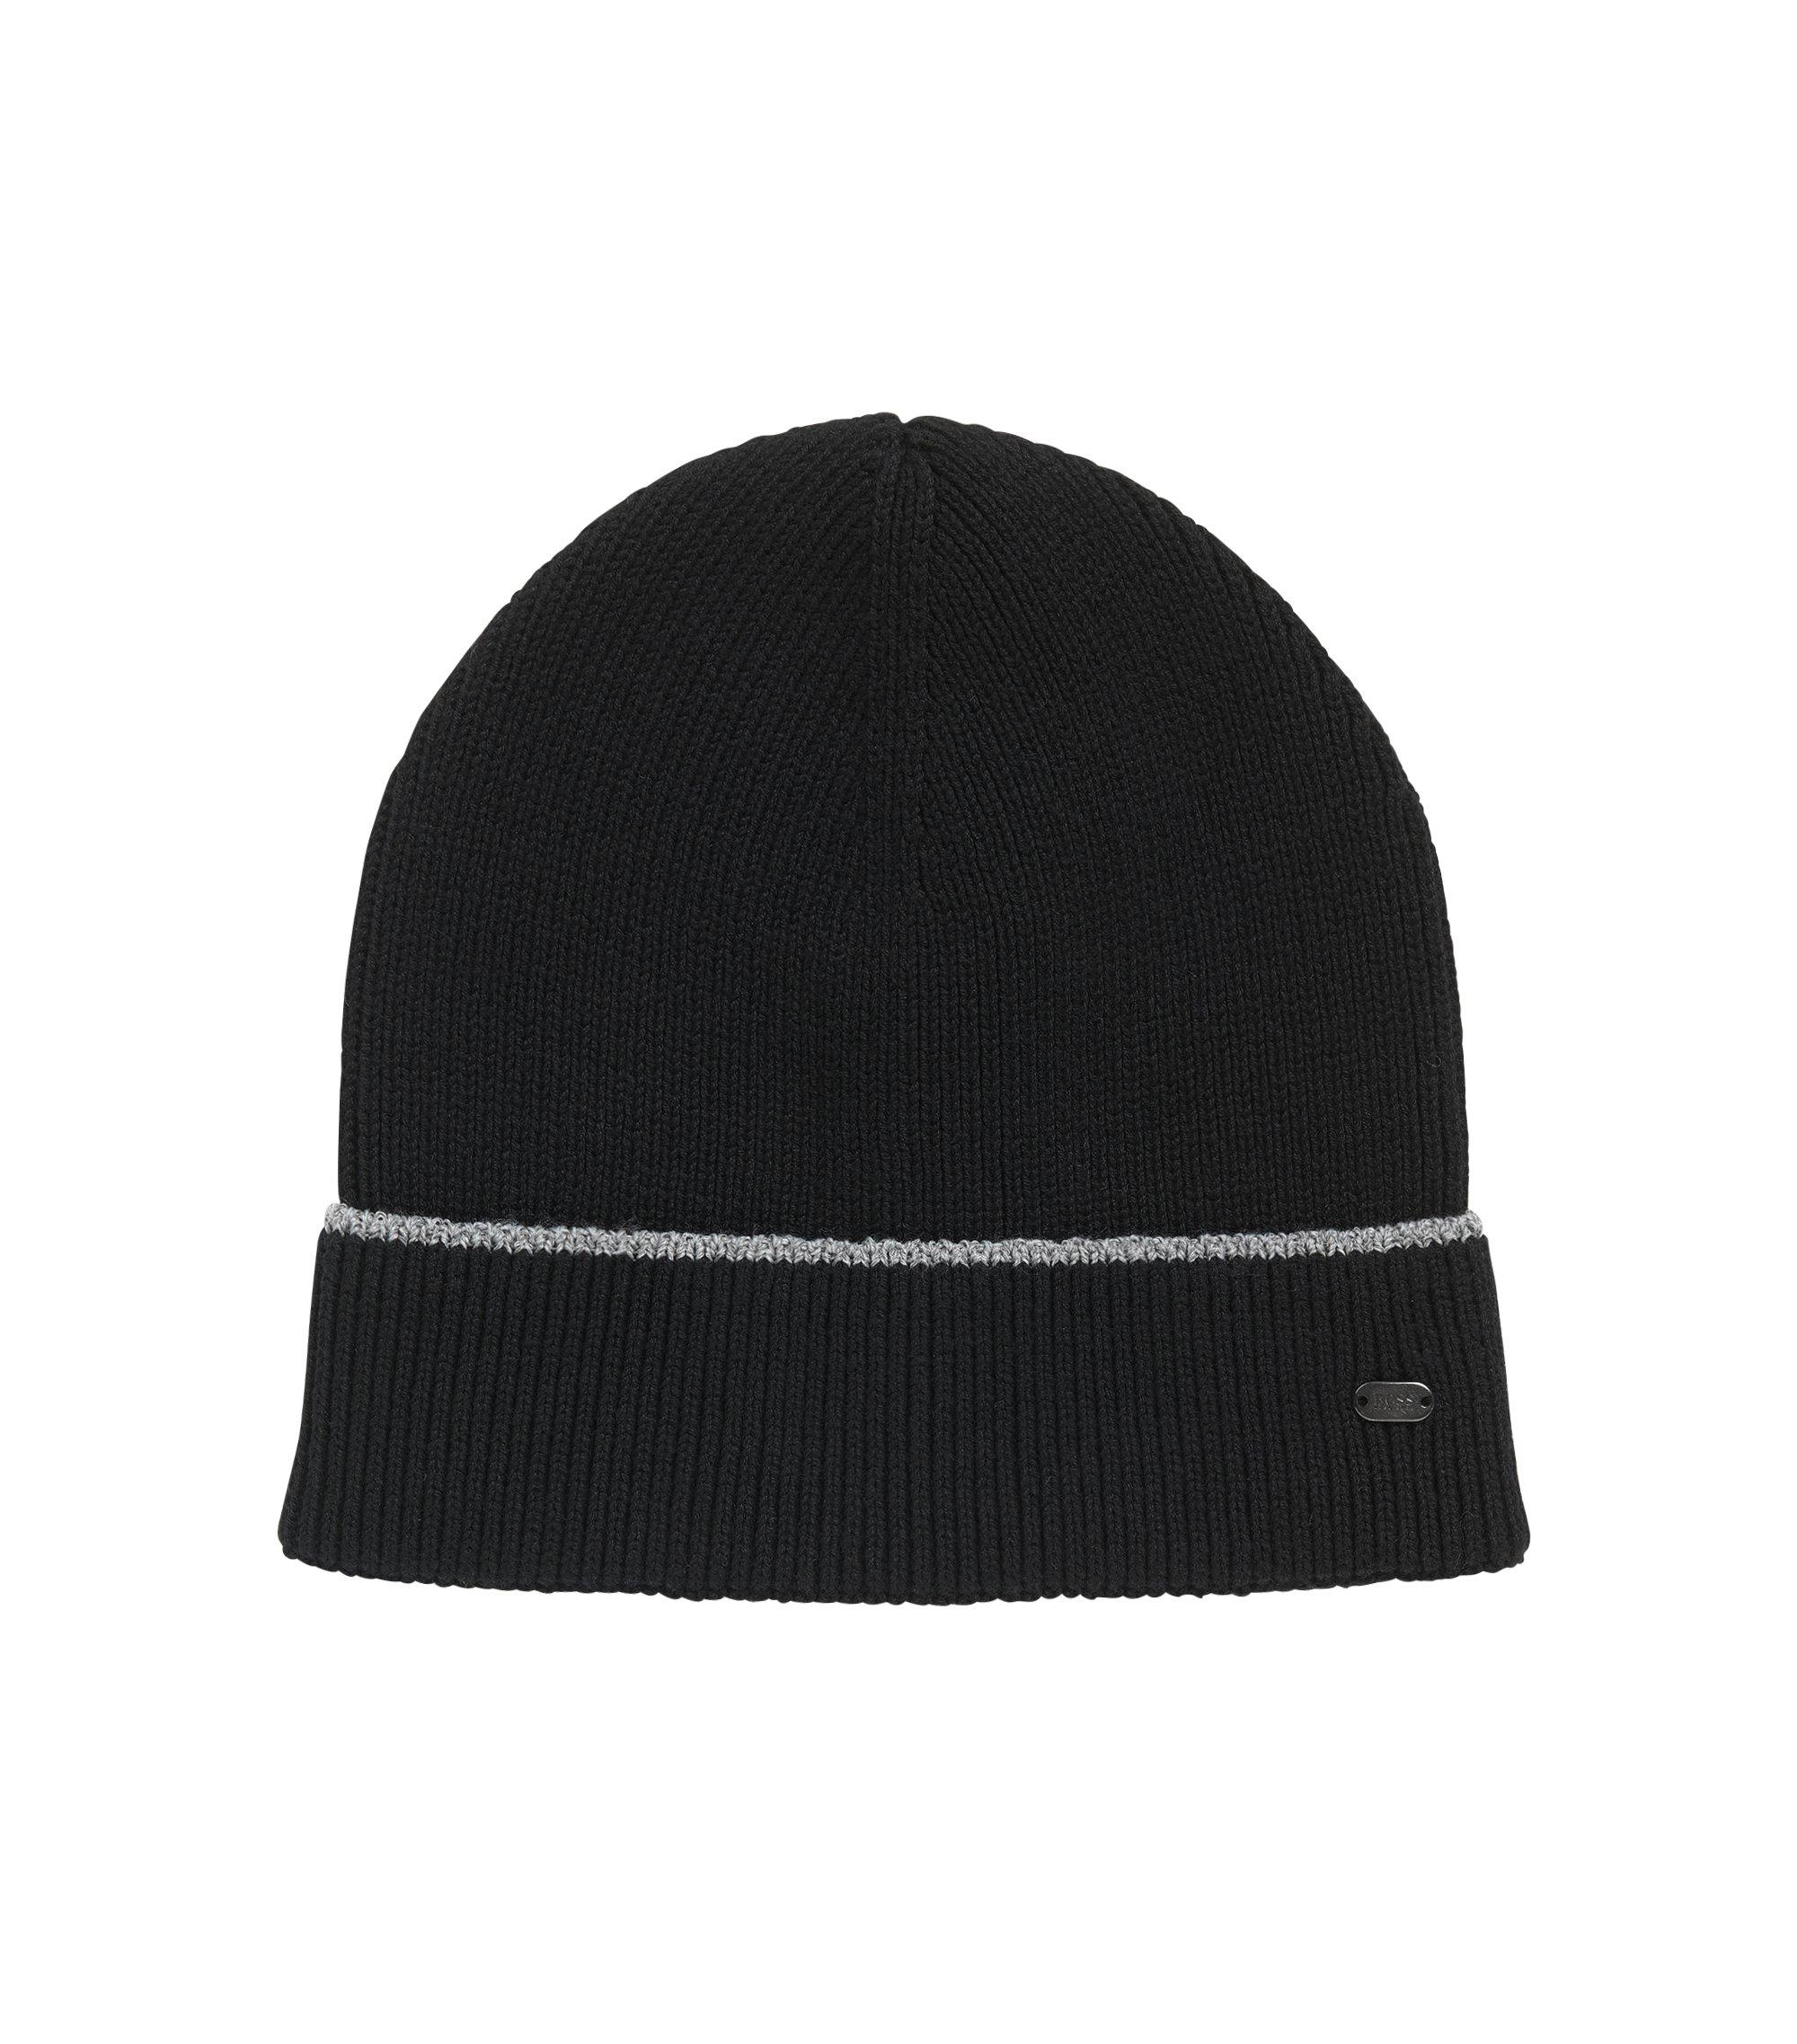 Mütze aus Baumwoll-Mix mit reflektierendem Streifen, Schwarz